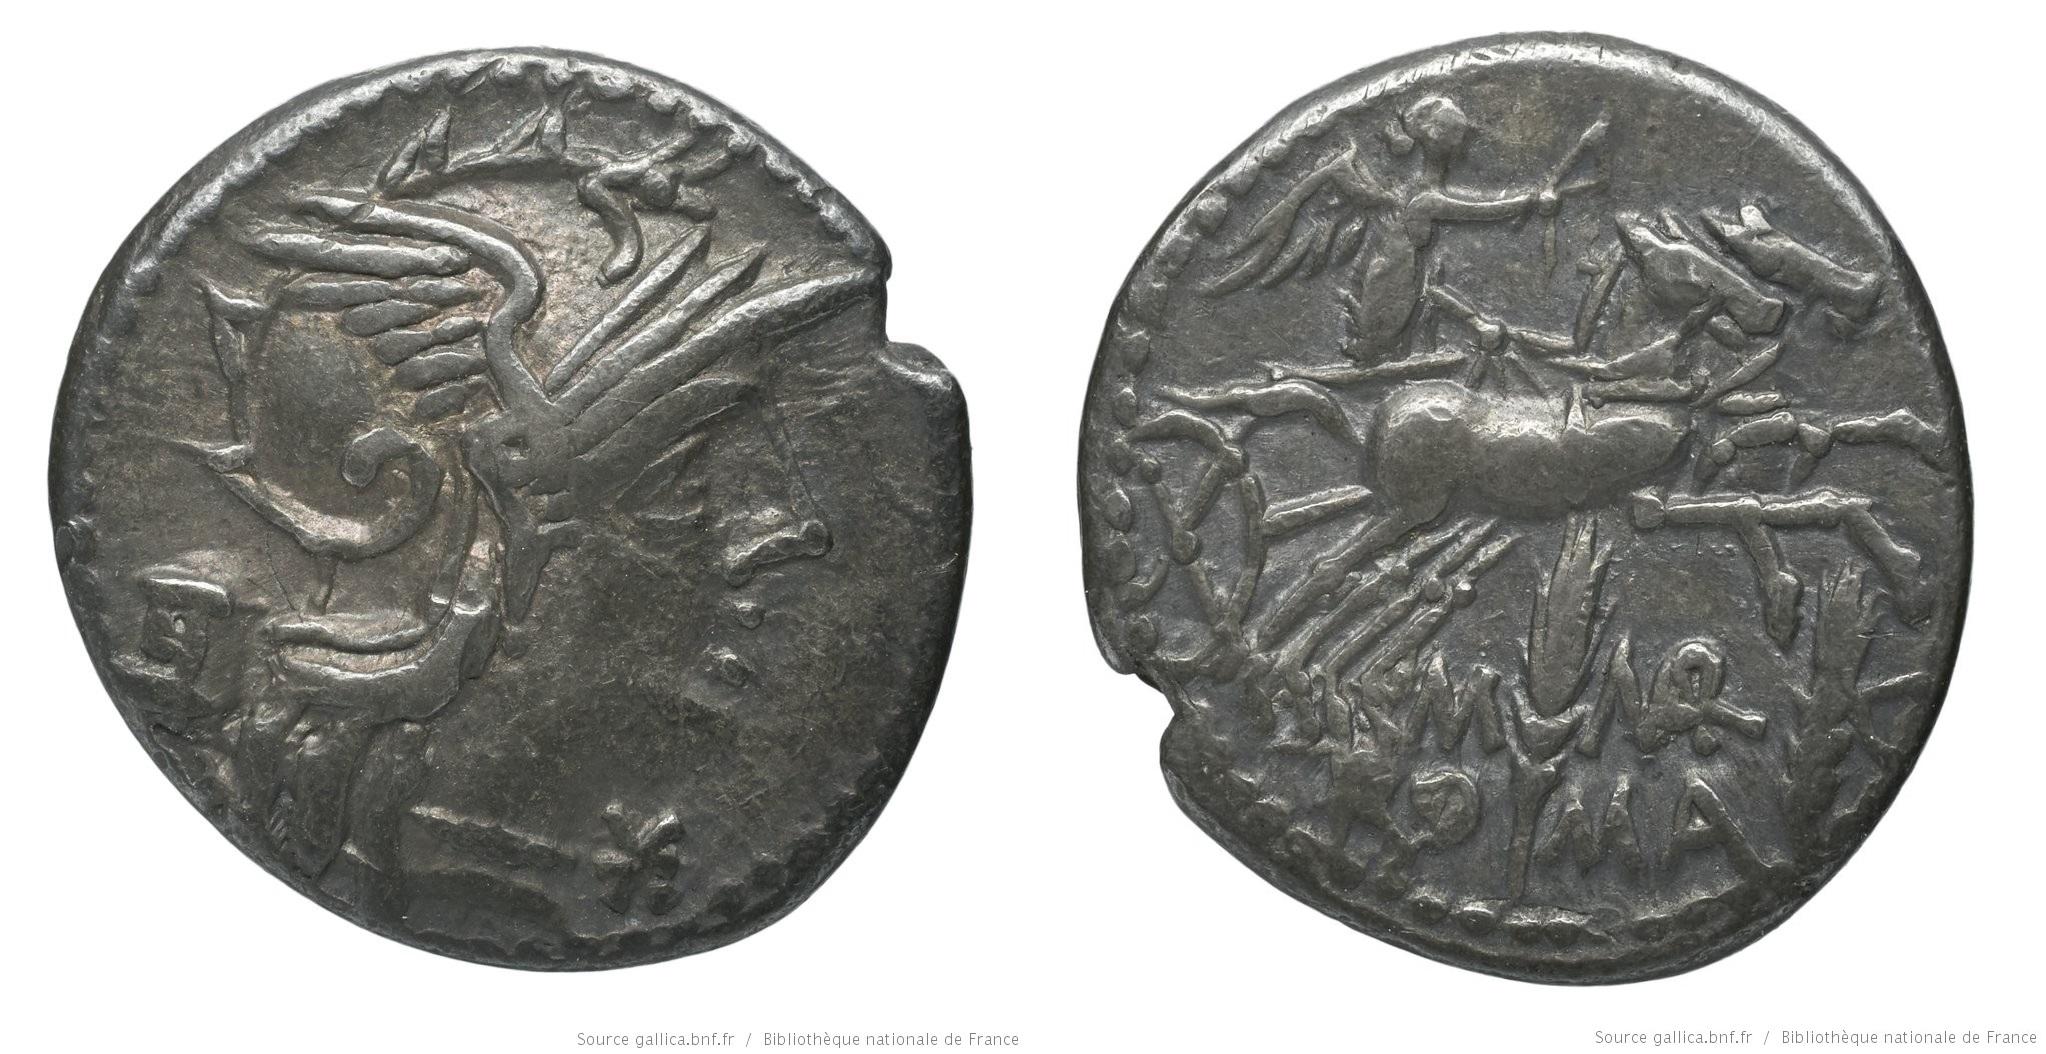 962MA – Denier Marcia – Marcus Marcius